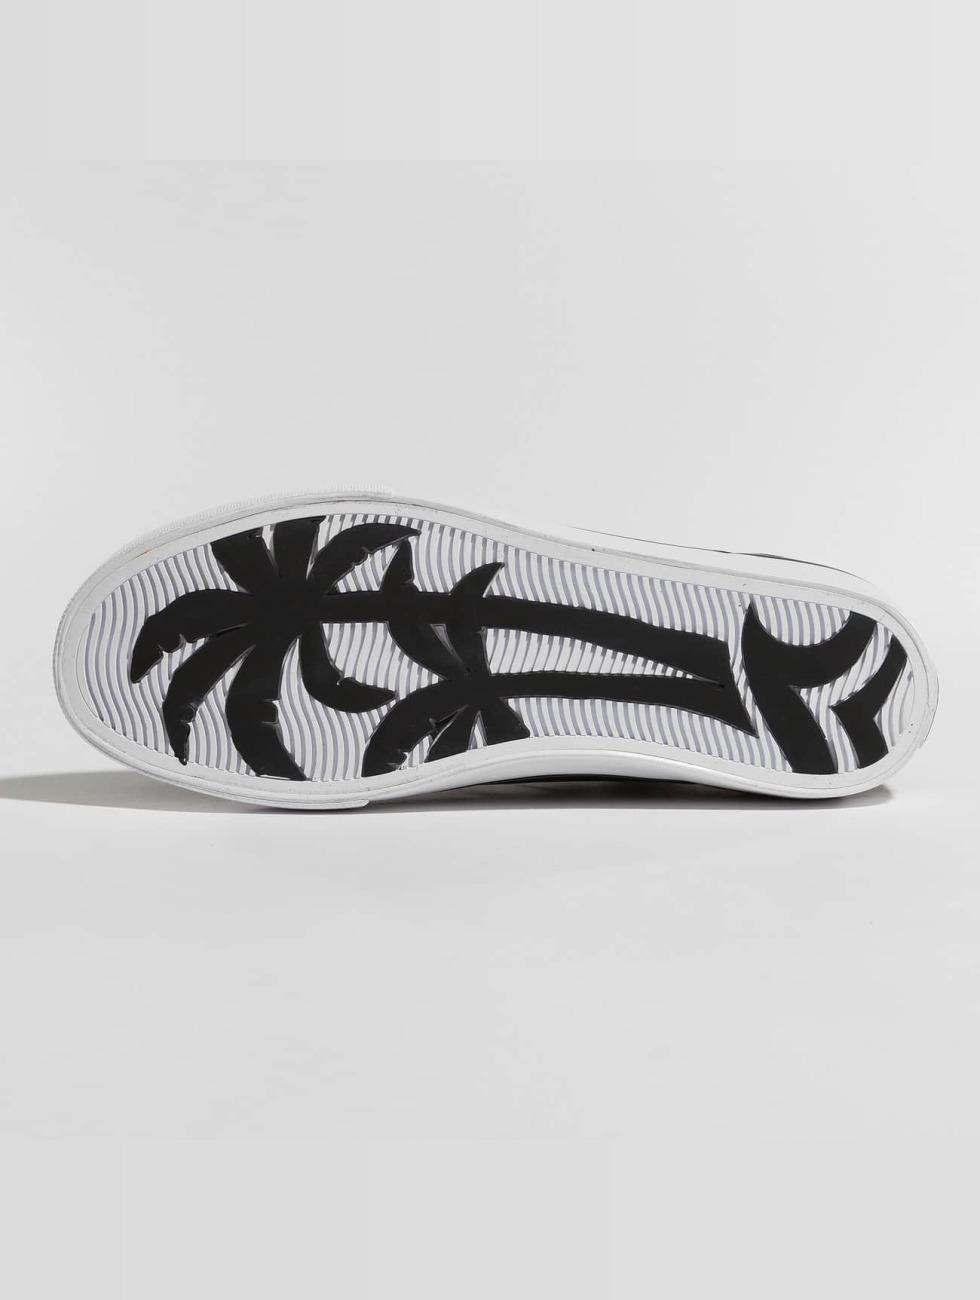 Erg Goedkoop Klaring Online Winkelen Project Delray schoen / sneaker C8ptown in zwart 455313 Goedkope Koop Lage Prijs Wlpu70WE